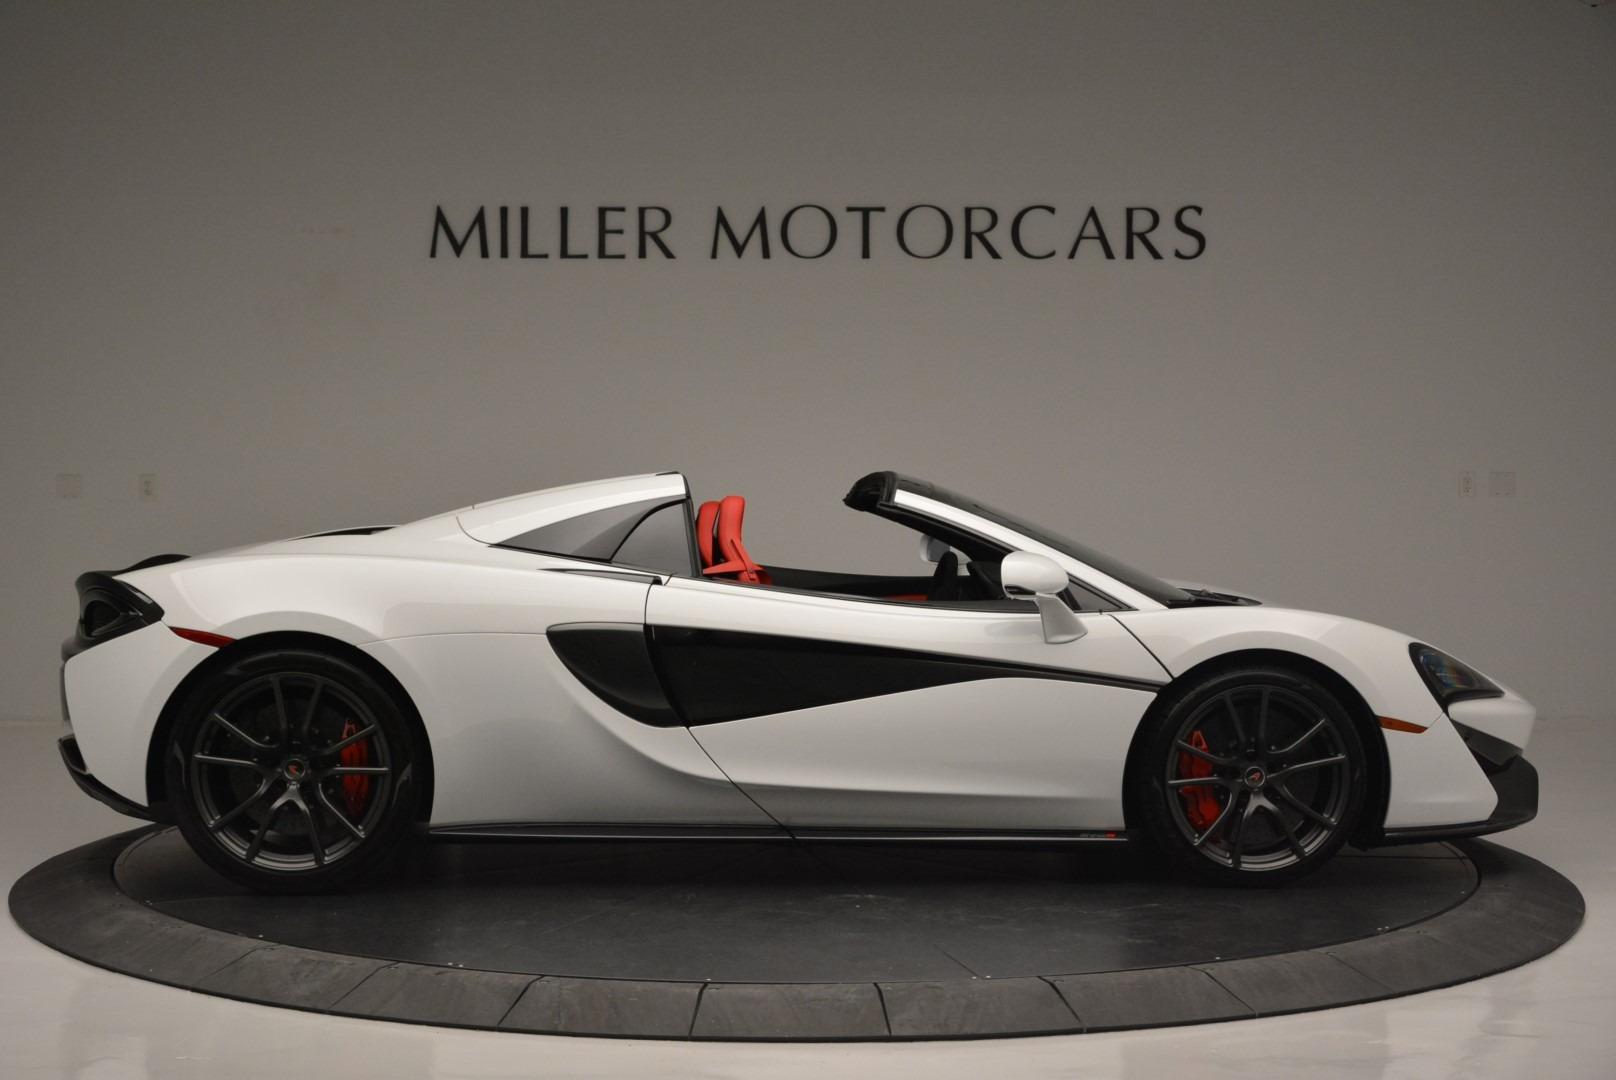 Used 2018 McLaren 570S Spider For Sale In Westport, CT 2341_p9